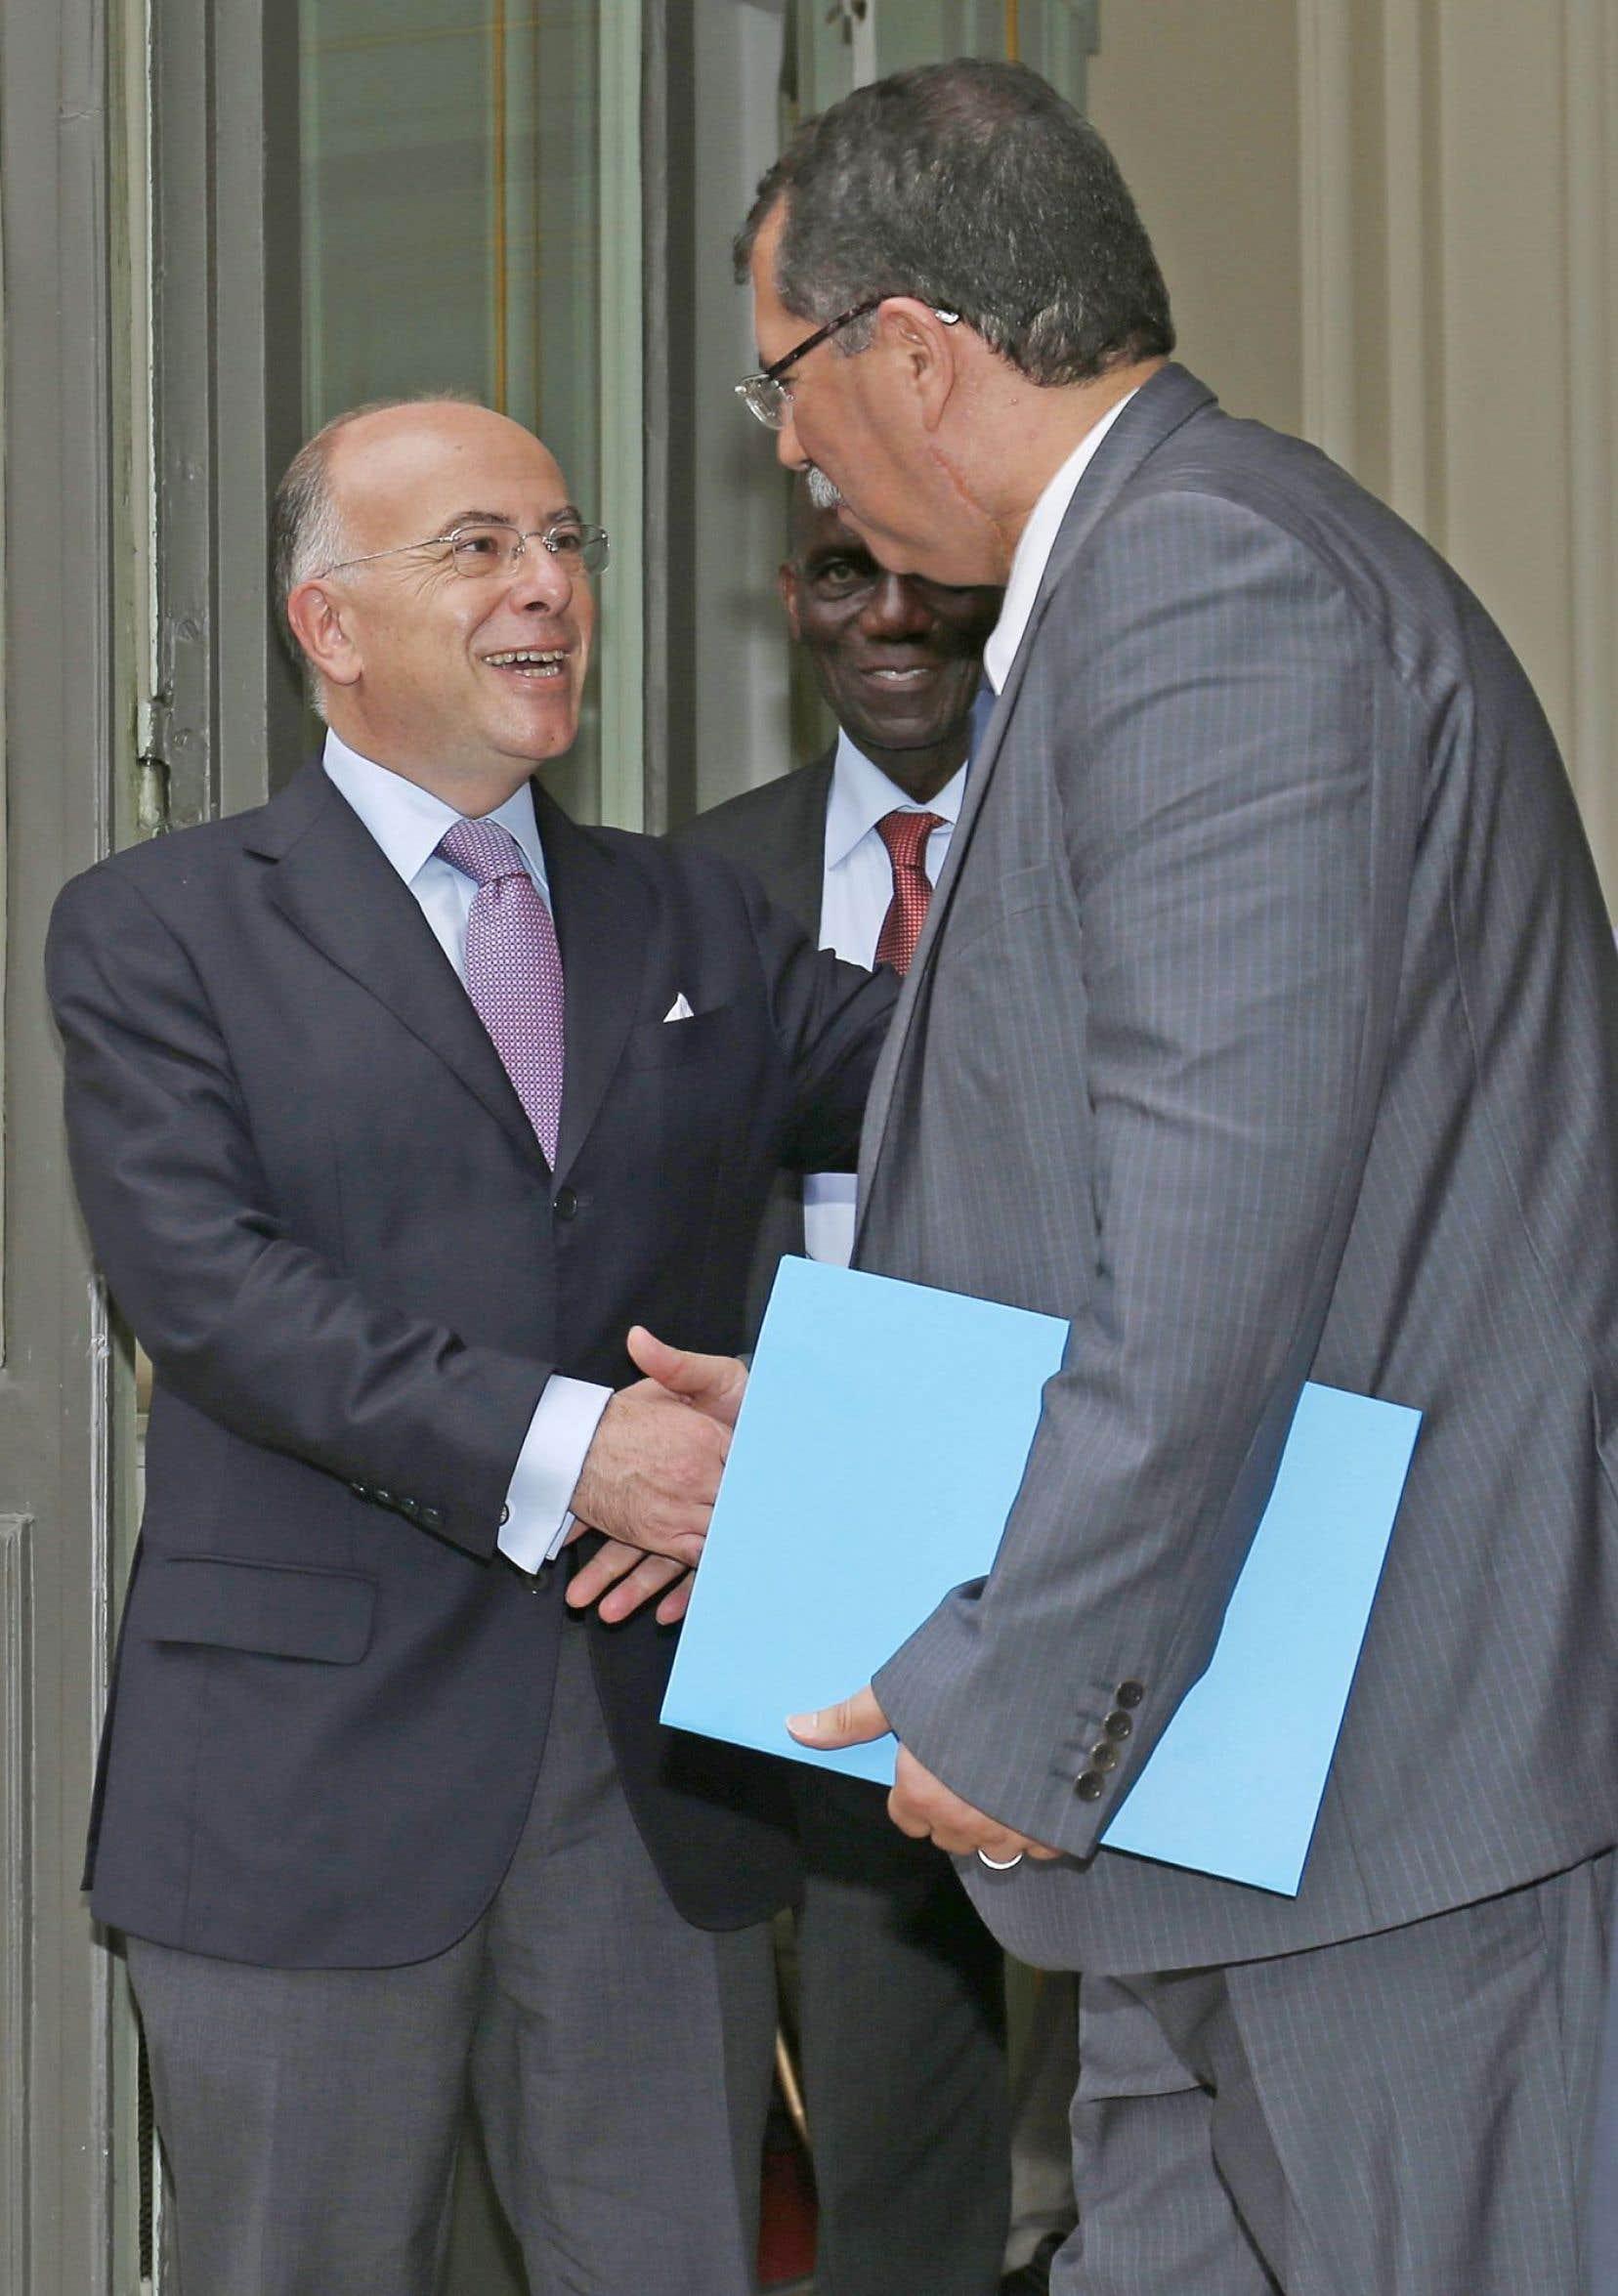 Le ministre de l'Intérieur, Bernard Cazeneuve, salue le président du Conseil français du culte musulman, Anouar Kbibech.